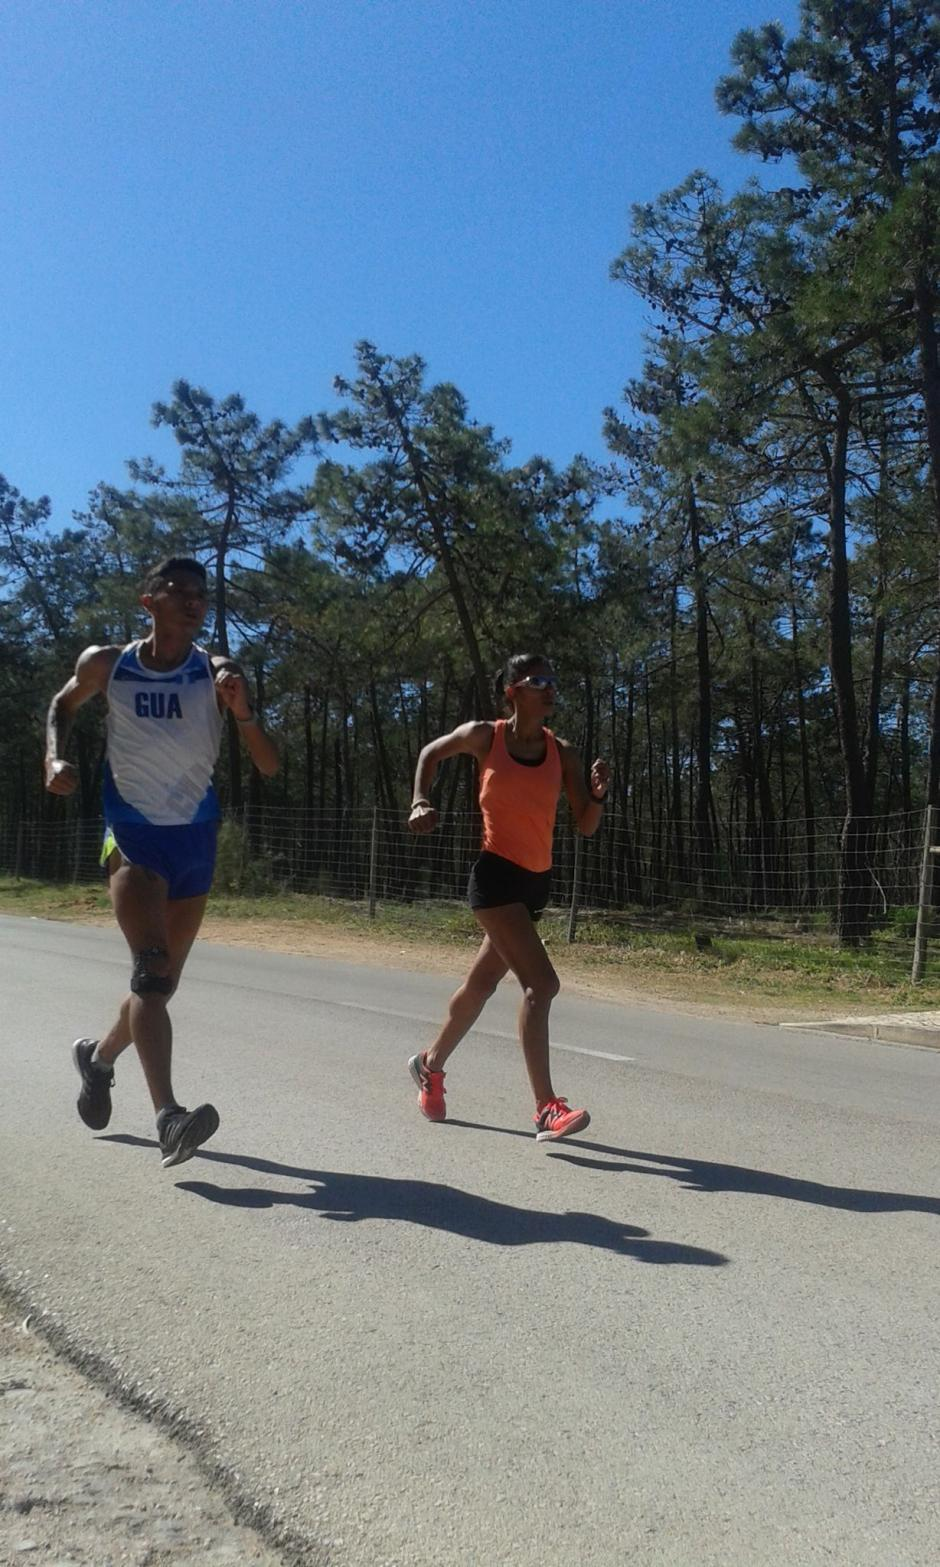 Quiyuch y Ortiz realizando trabajos físicos en Portugal. (Foto: Facebook)